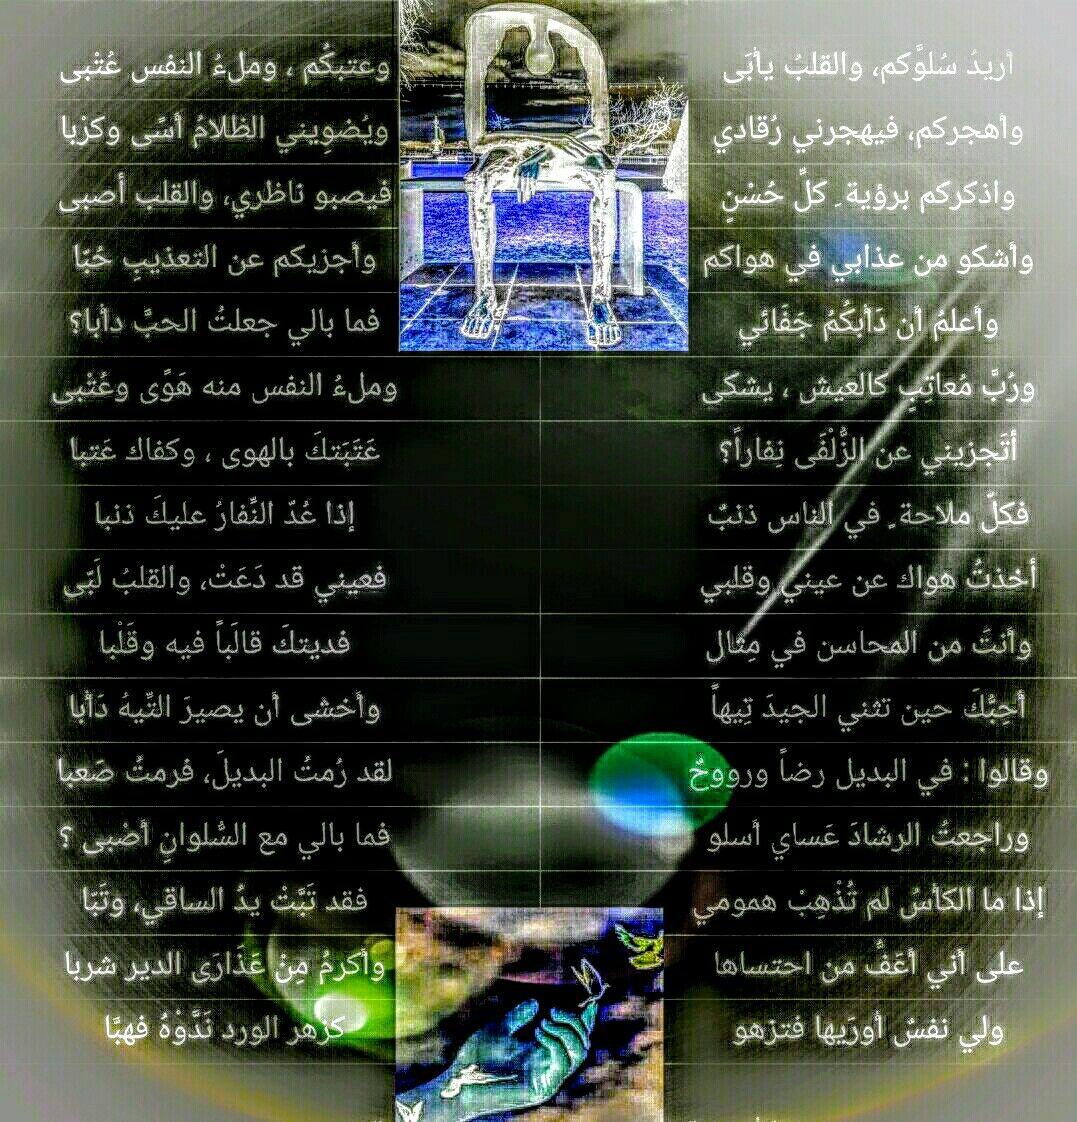 بين الحبيب والمحبوب رسالة عتاب من قصيدة أمير الشعراء أحمد شوقي Arabic Love Quotes Love Quotes Quotes